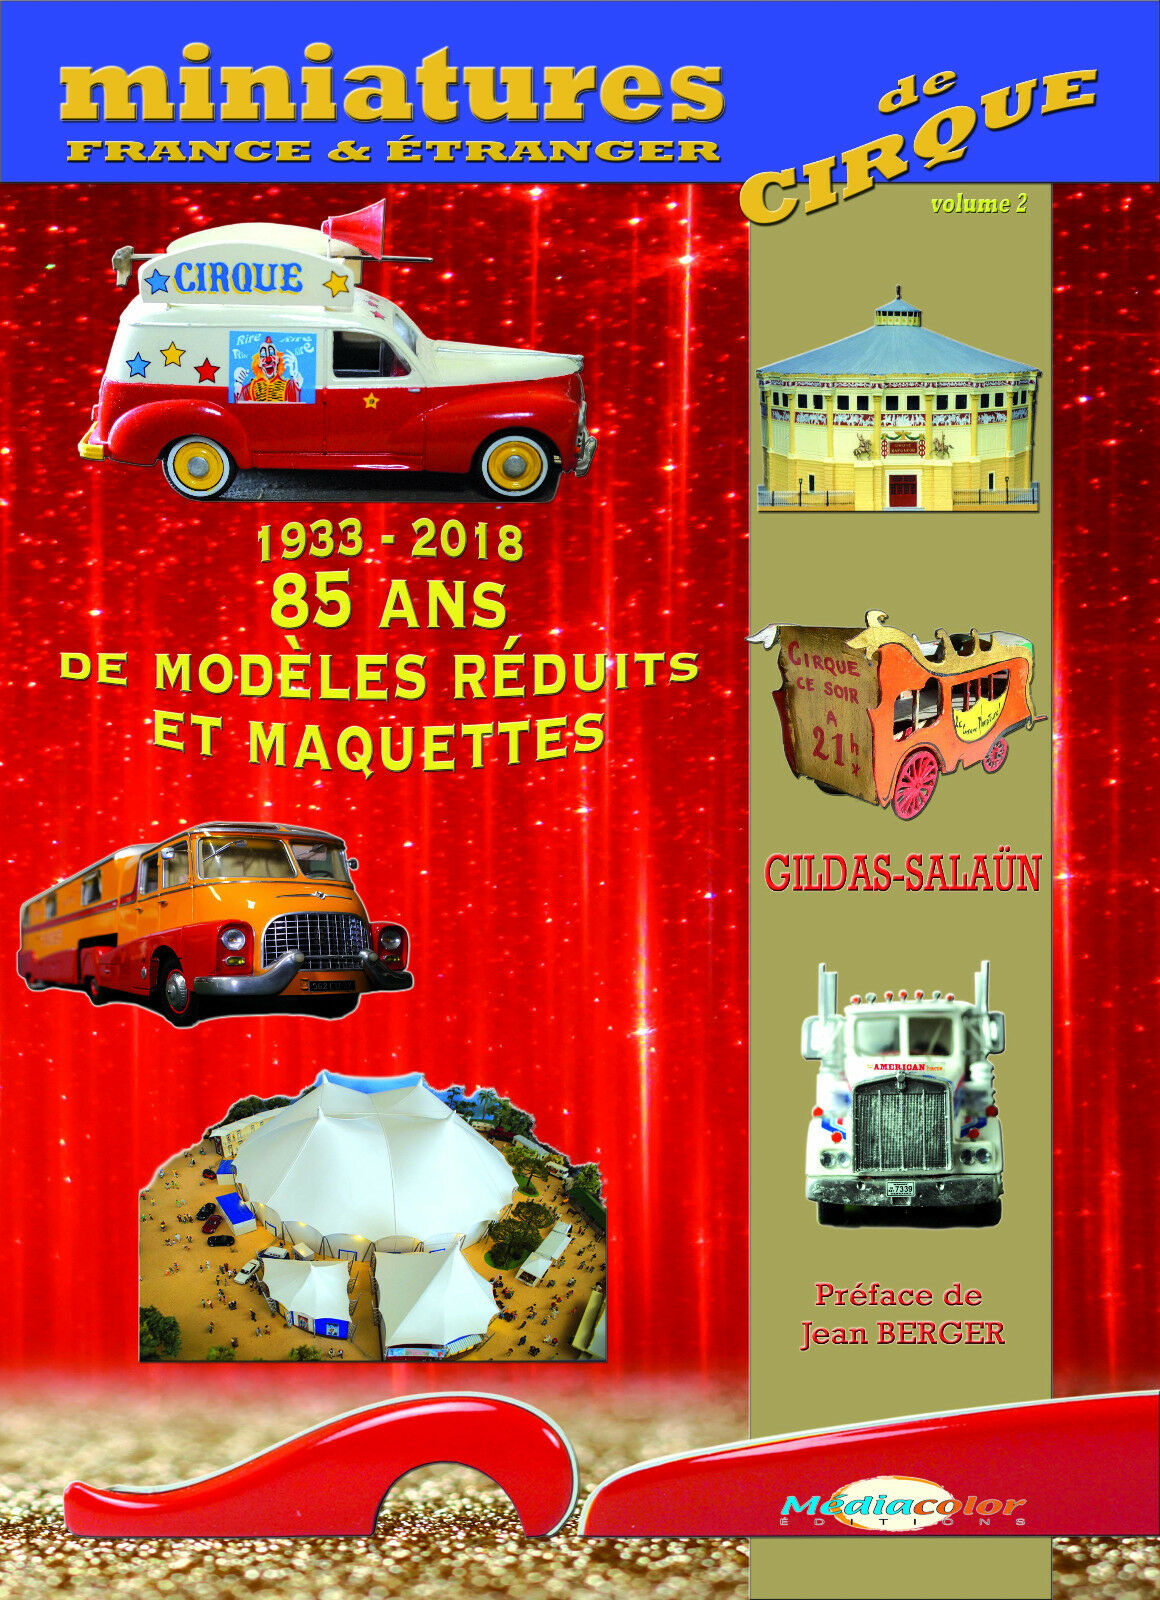 CIRQUE 150 ANS MAQUETTES  T 2 - 800 MODELES  FRANCE EUROPE  livraison gratuite